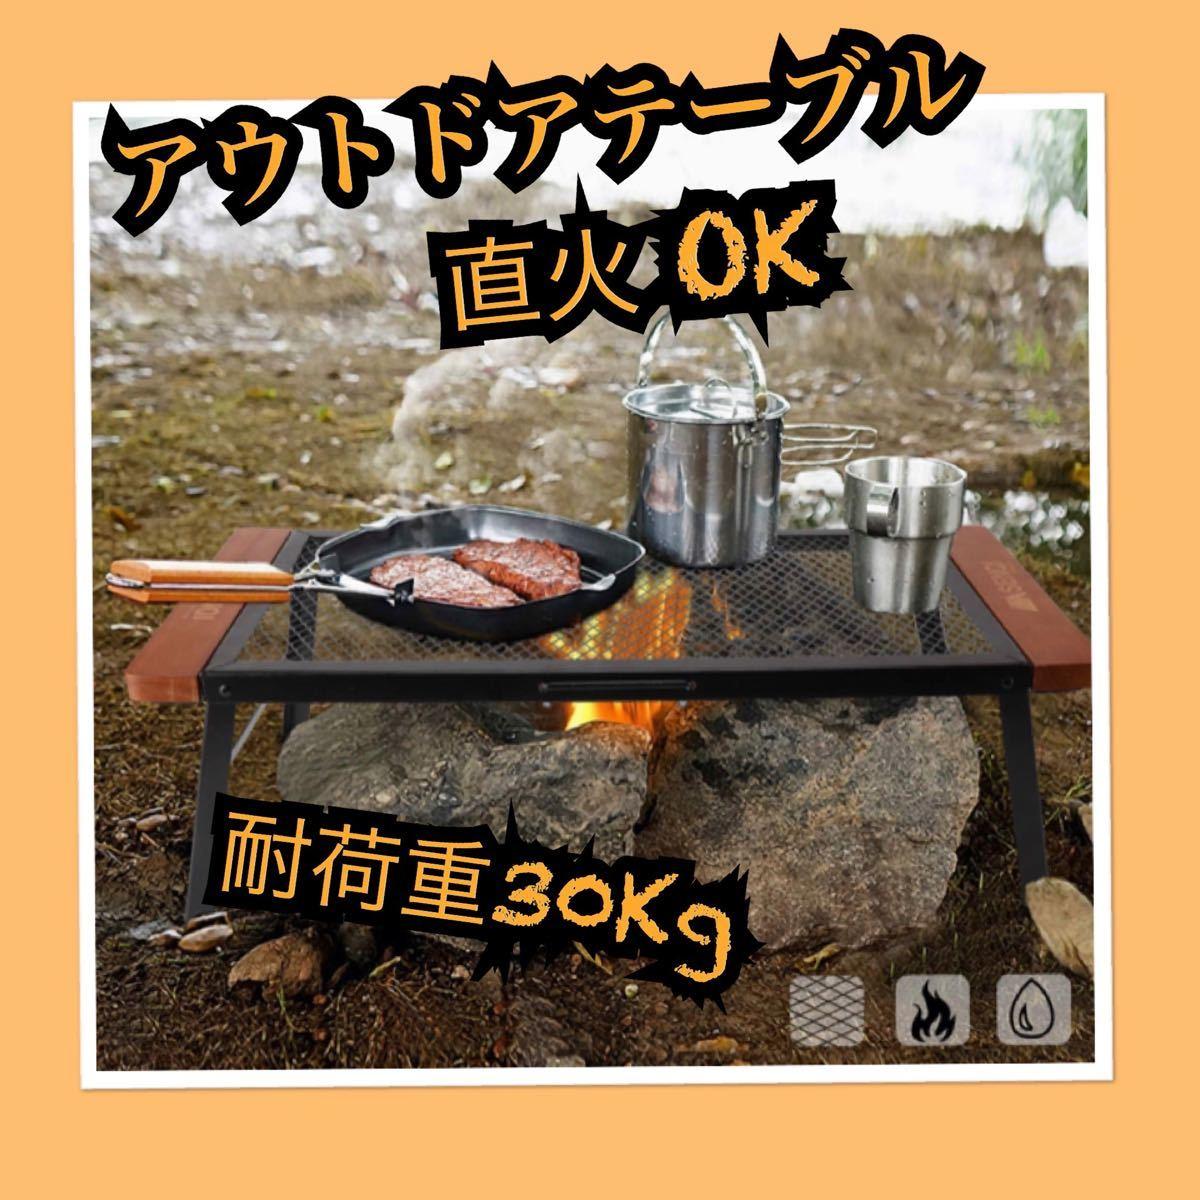 【ラスト1点!】アウトドアテーブル 折りたたみ メッシュ キャンプ バーベキュー 耐熱テーブル 運動会 ピクニック